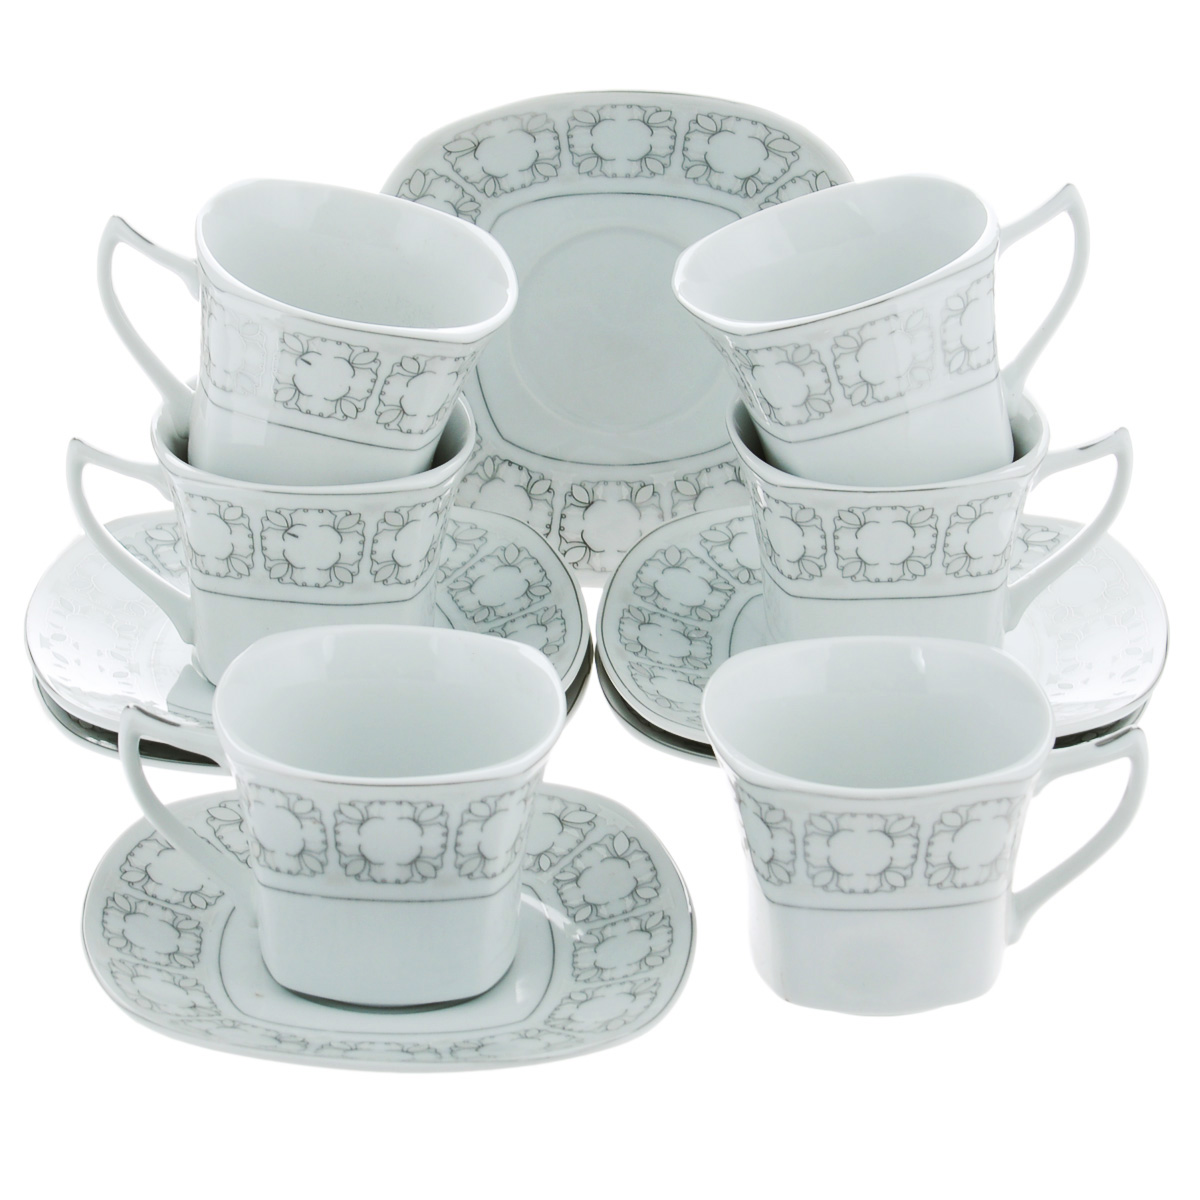 Набор чайный Bekker, 12 предметов. BK-5986115510Чайный набор Bekker состоит из шести чашек и шести блюдец. Предметы набора изготовлены из высококачественного фарфора белого цвета и украшены серебристой эмалью. Изящный орнамент придает набору стильный внешний вид. Чайный набор роскошного дизайна украсит интерьер кухни. Прекрасно подойдет как для торжественных случаев, так и для ежедневного использования.Набор упакован в подарочную картонную коробку серебристого цвета. Подходит для мытья в посудомоечной машине. Объем чашки: 150 мл. Размер чашки (по верхнему краю): 8 см х 8 см. Высота чашки: 6,5 см. Размер блюдца: 14 см х 14 см.